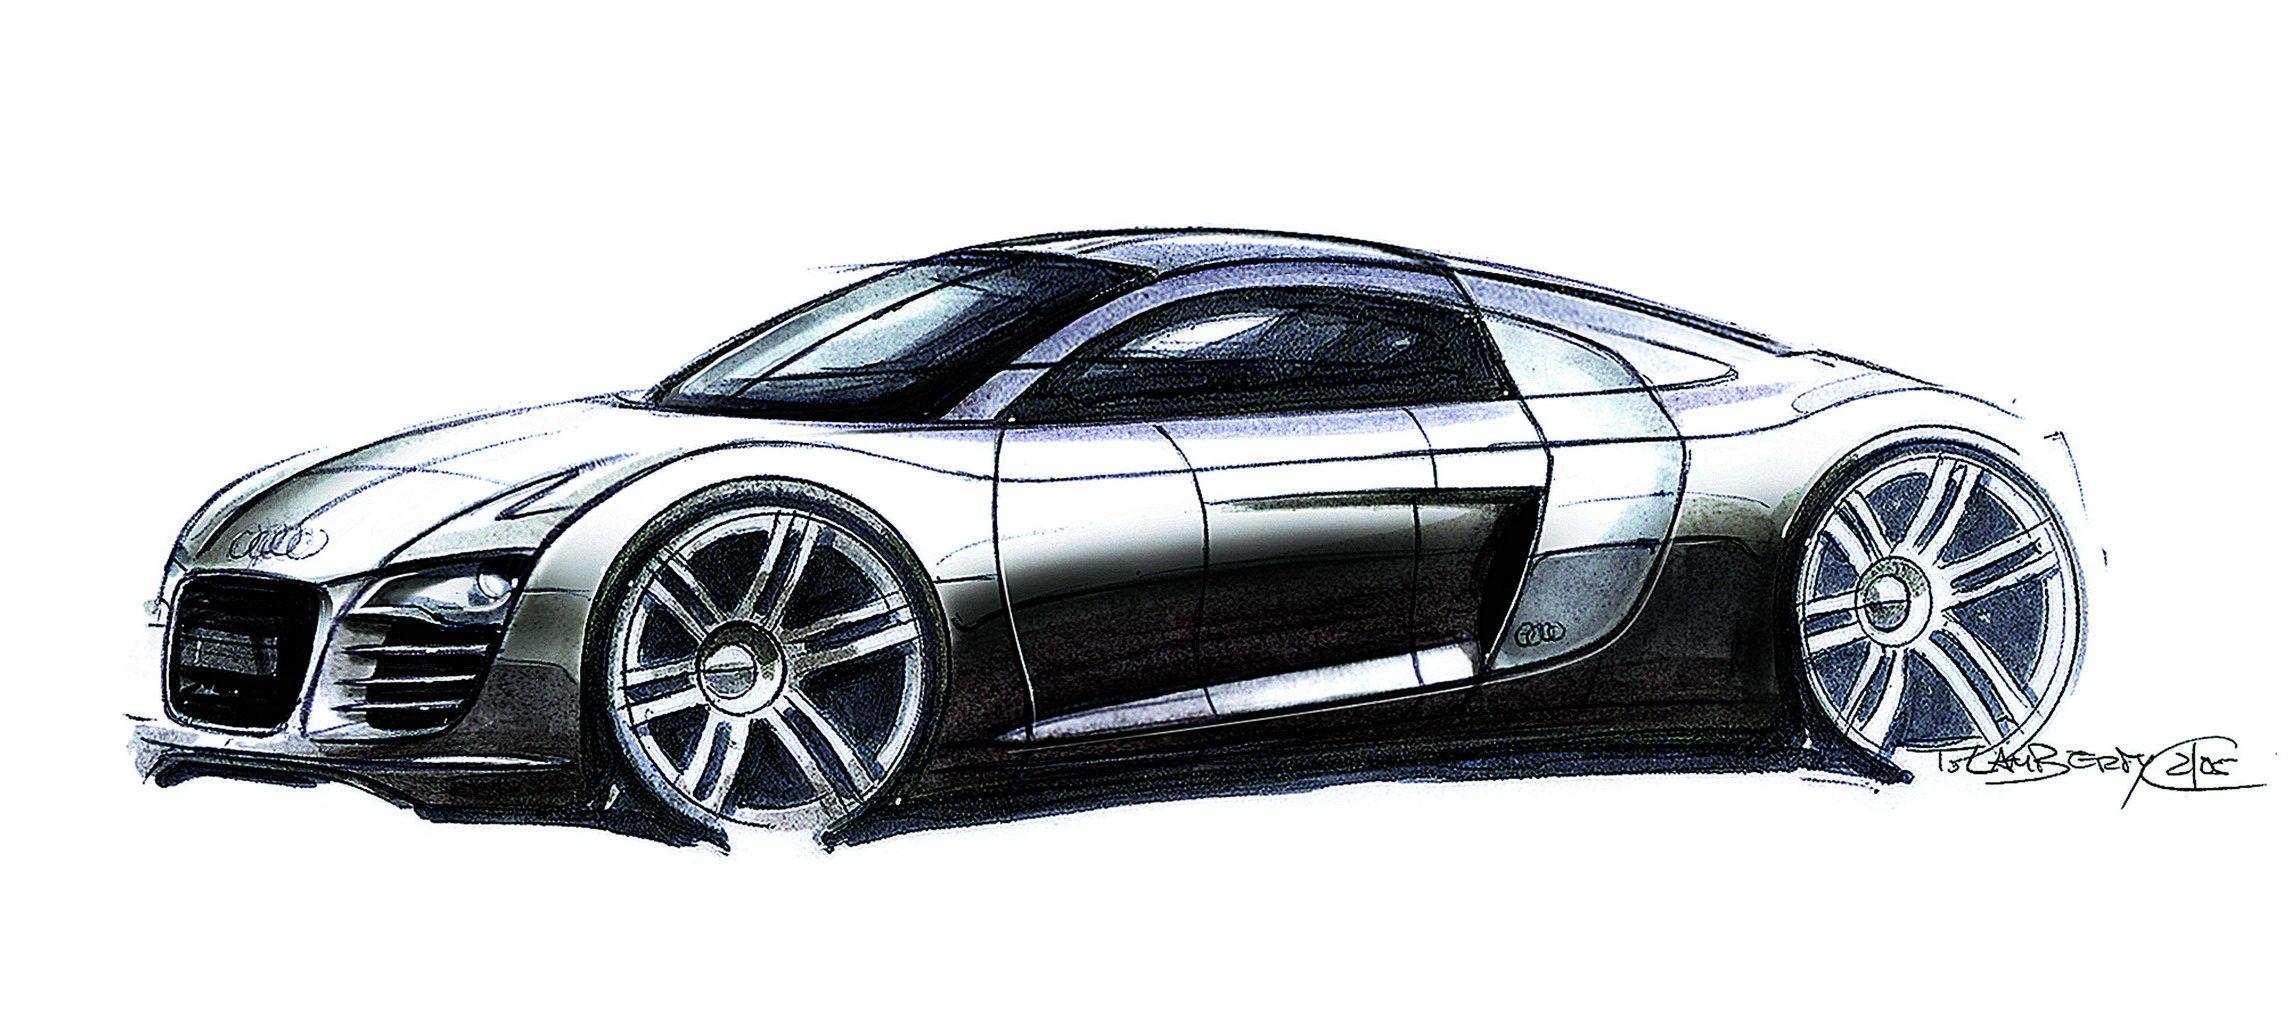 手绘 汽车设计图__绘画书法_文; 奥迪r8 08款 设计手稿; 奥迪r8跑车